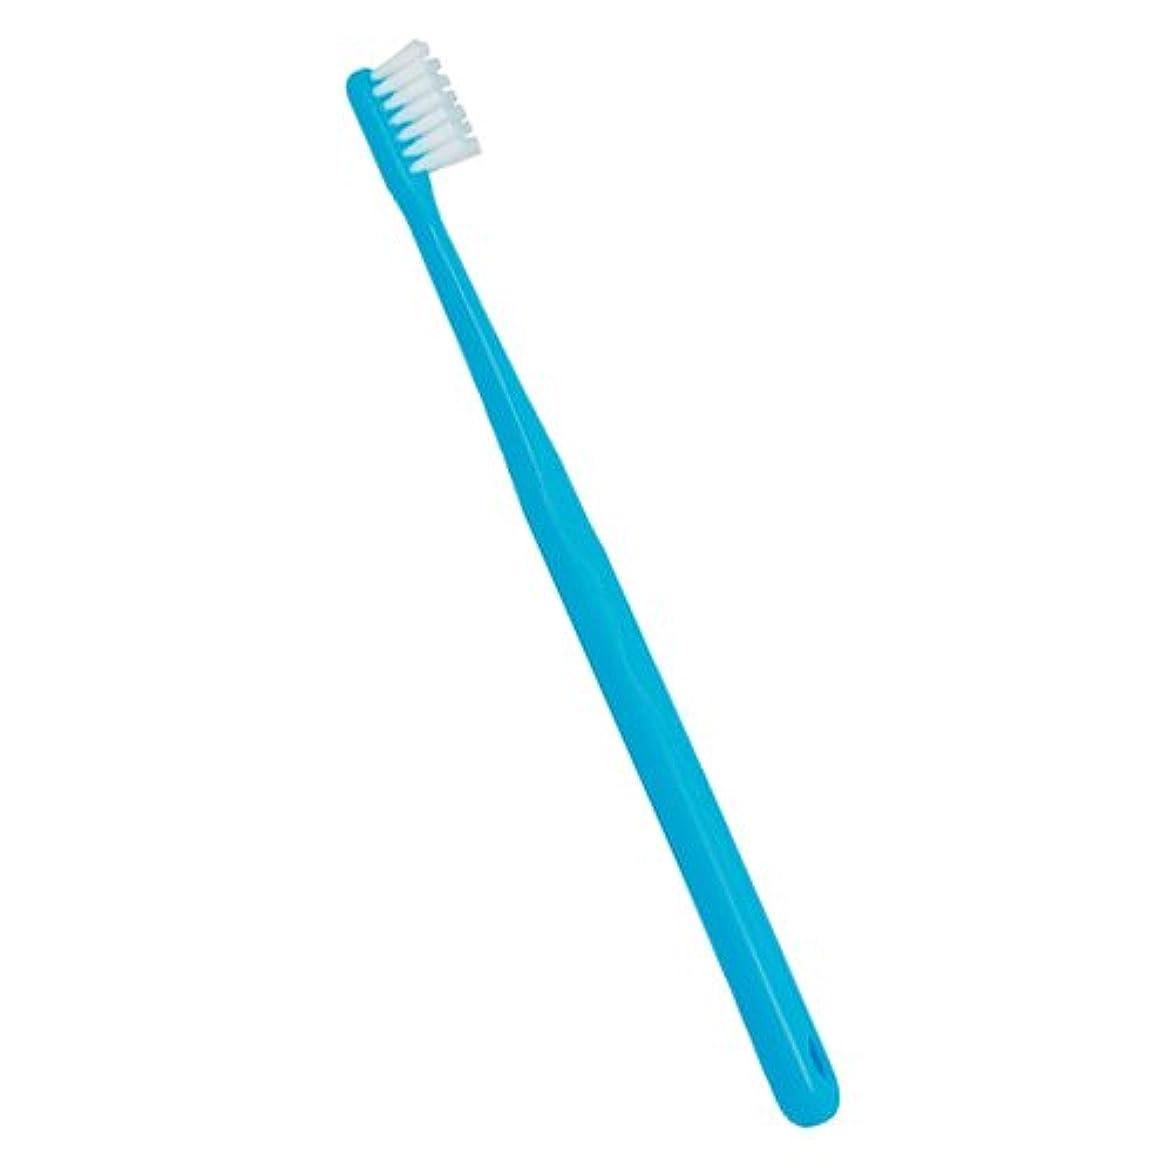 摘む補充大いにCiメディカル 歯ブラシ Ci702(フラットタイプ) 1本(M ふつう(ブルー))